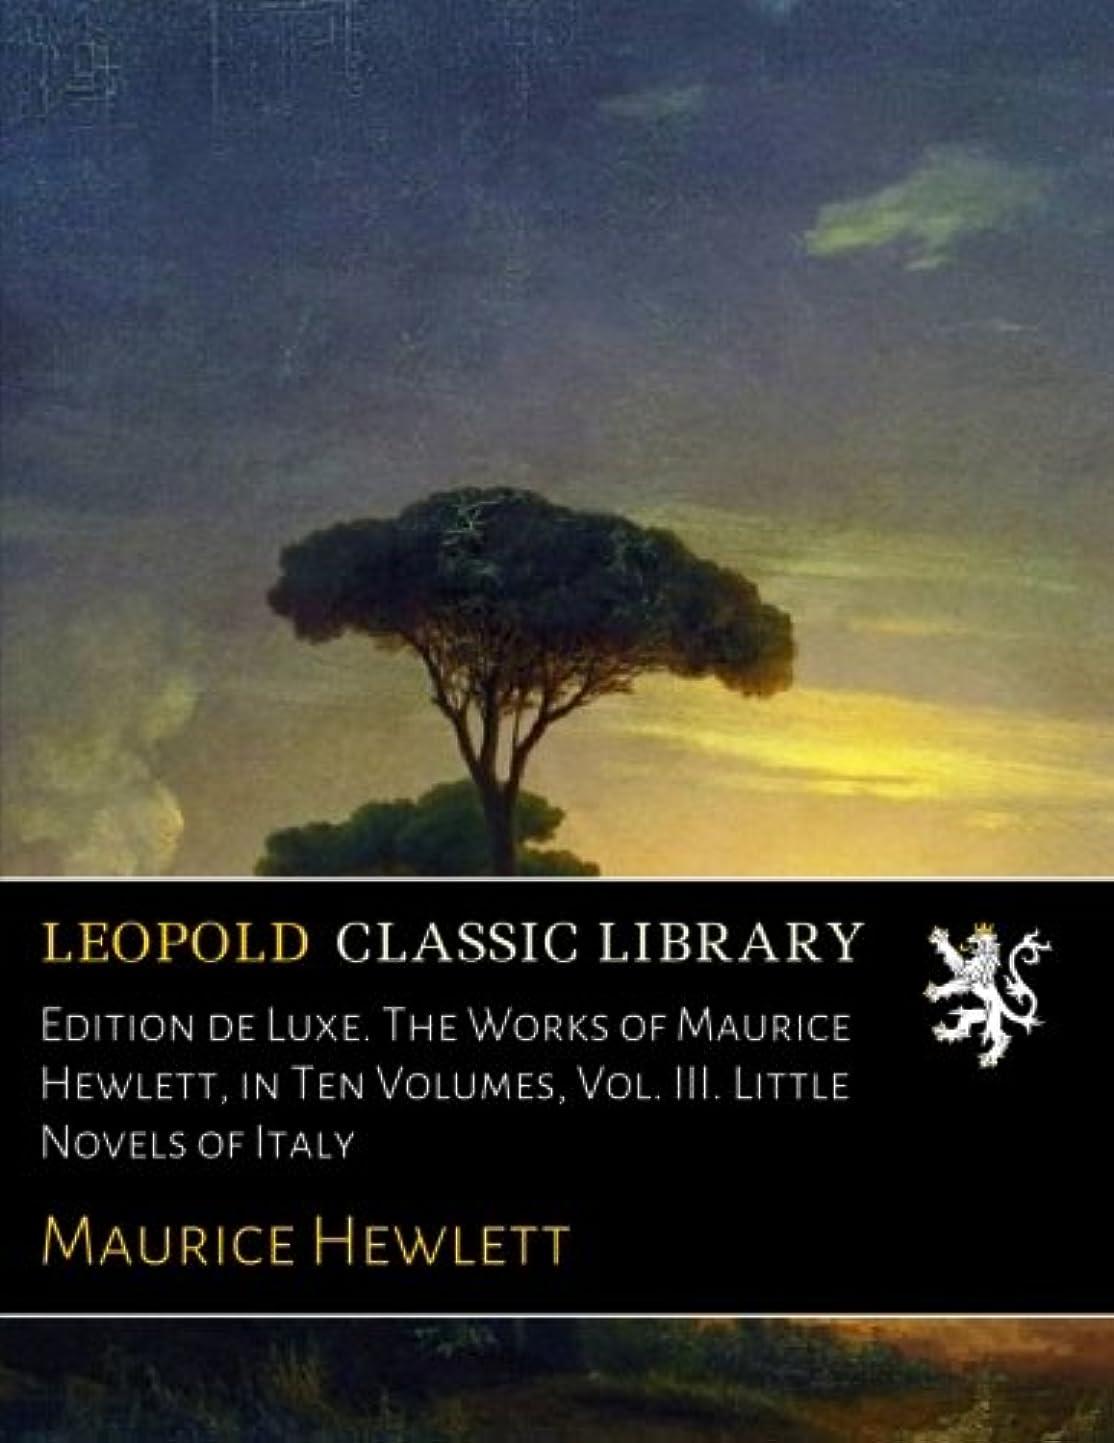 サーキットに行く激怒禁止するEdition de Luxe. The Works of Maurice Hewlett, in Ten Volumes, Vol. III. Little Novels of Italy